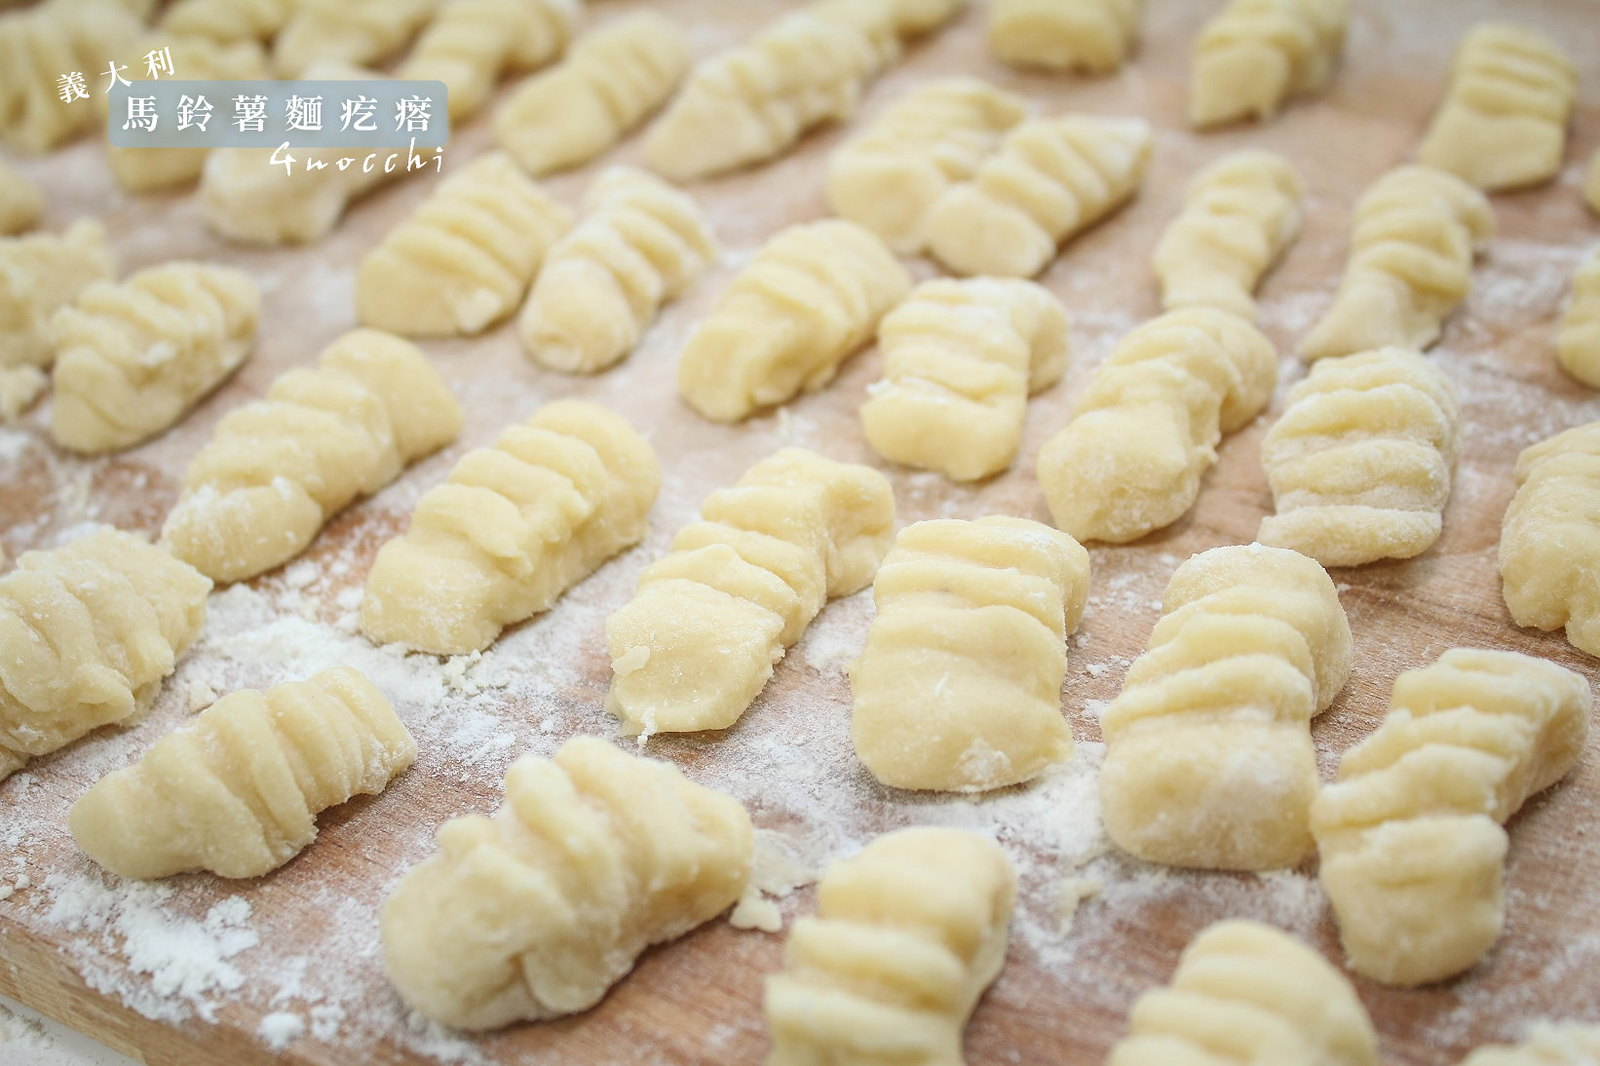 【食譜】北海道芋餅。Q軟甜鹹的北海道馬鈴薯餅 @J&A的旅行